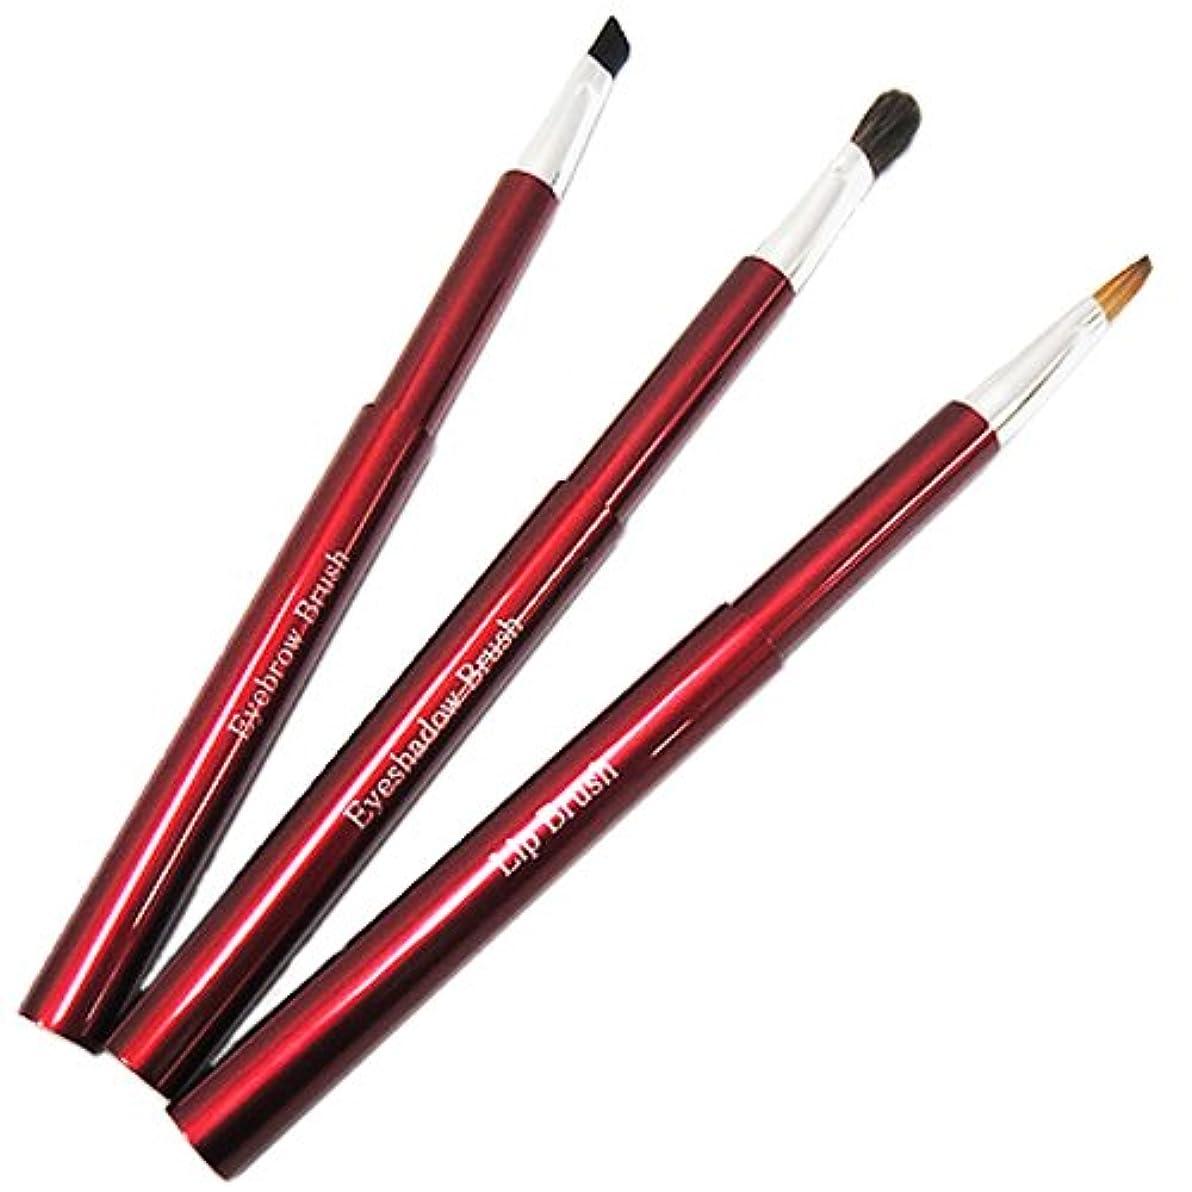 ハドル肌寒い令状松田栄 熊野の華粧筆 スライド式ブラシ3点セット(アイブローブラシ×1、アイシャドーブラシ×1、リップブラシ×1)